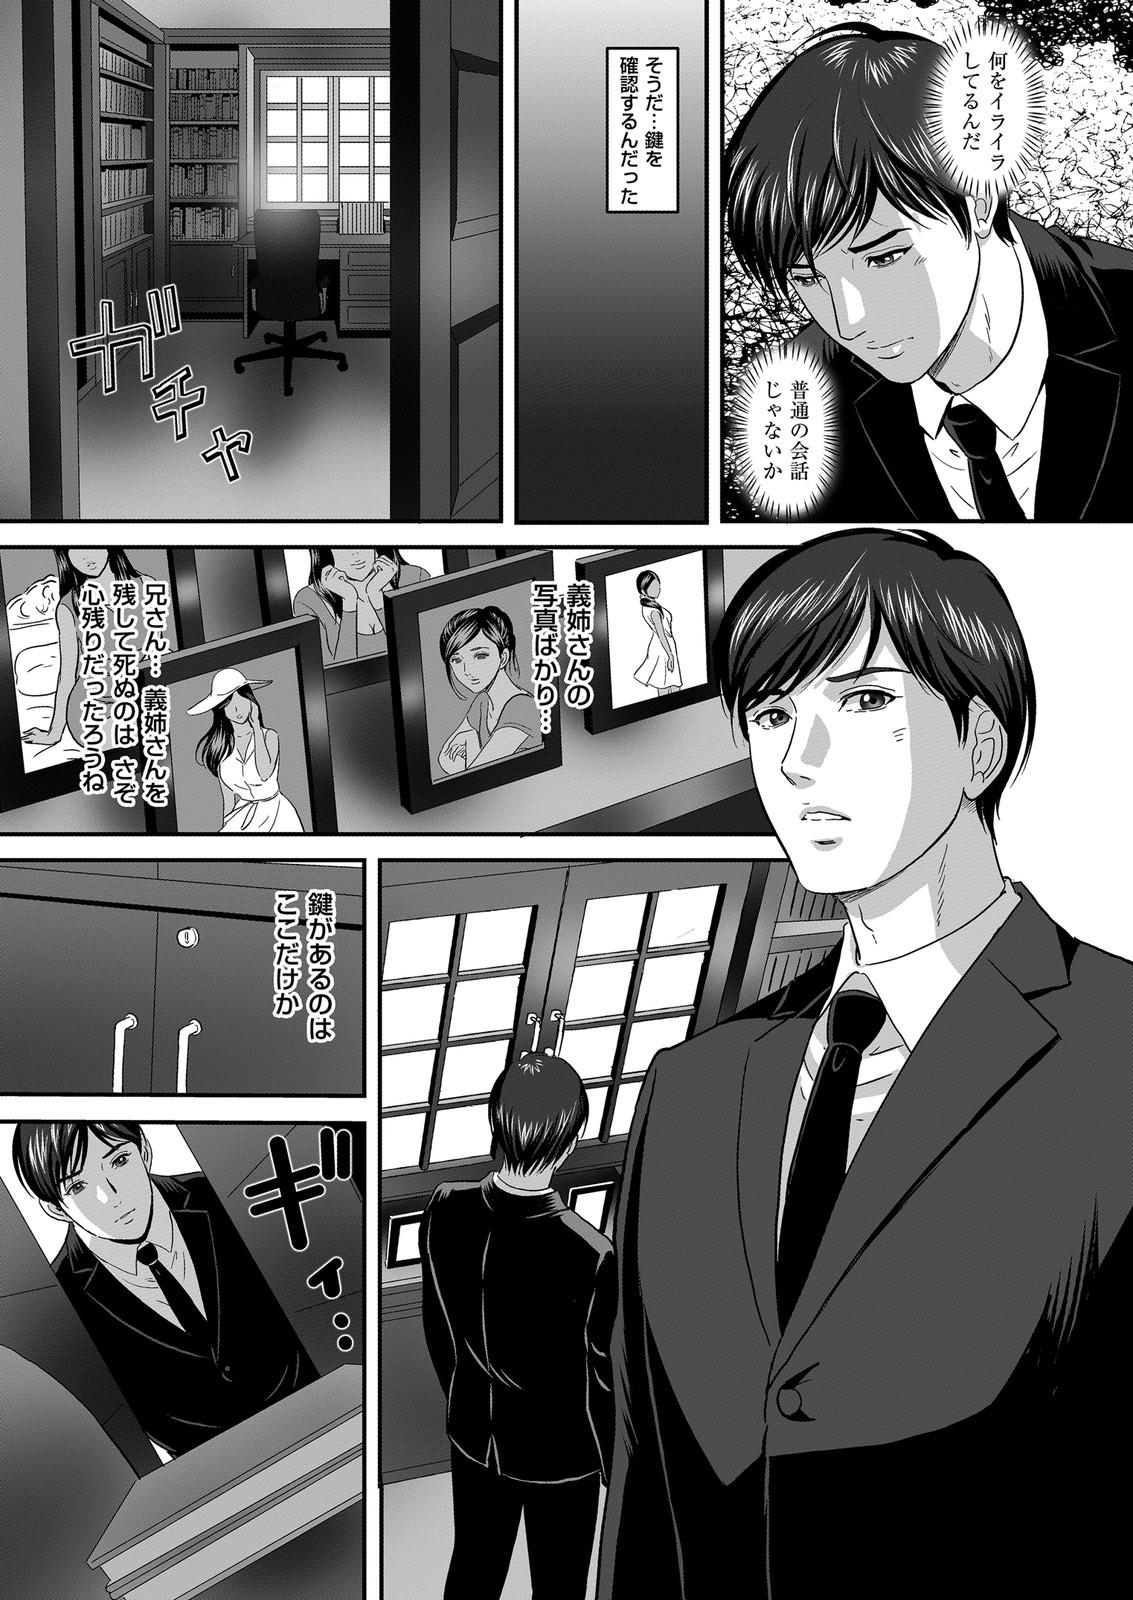 エロ 変態プレイ 漫画